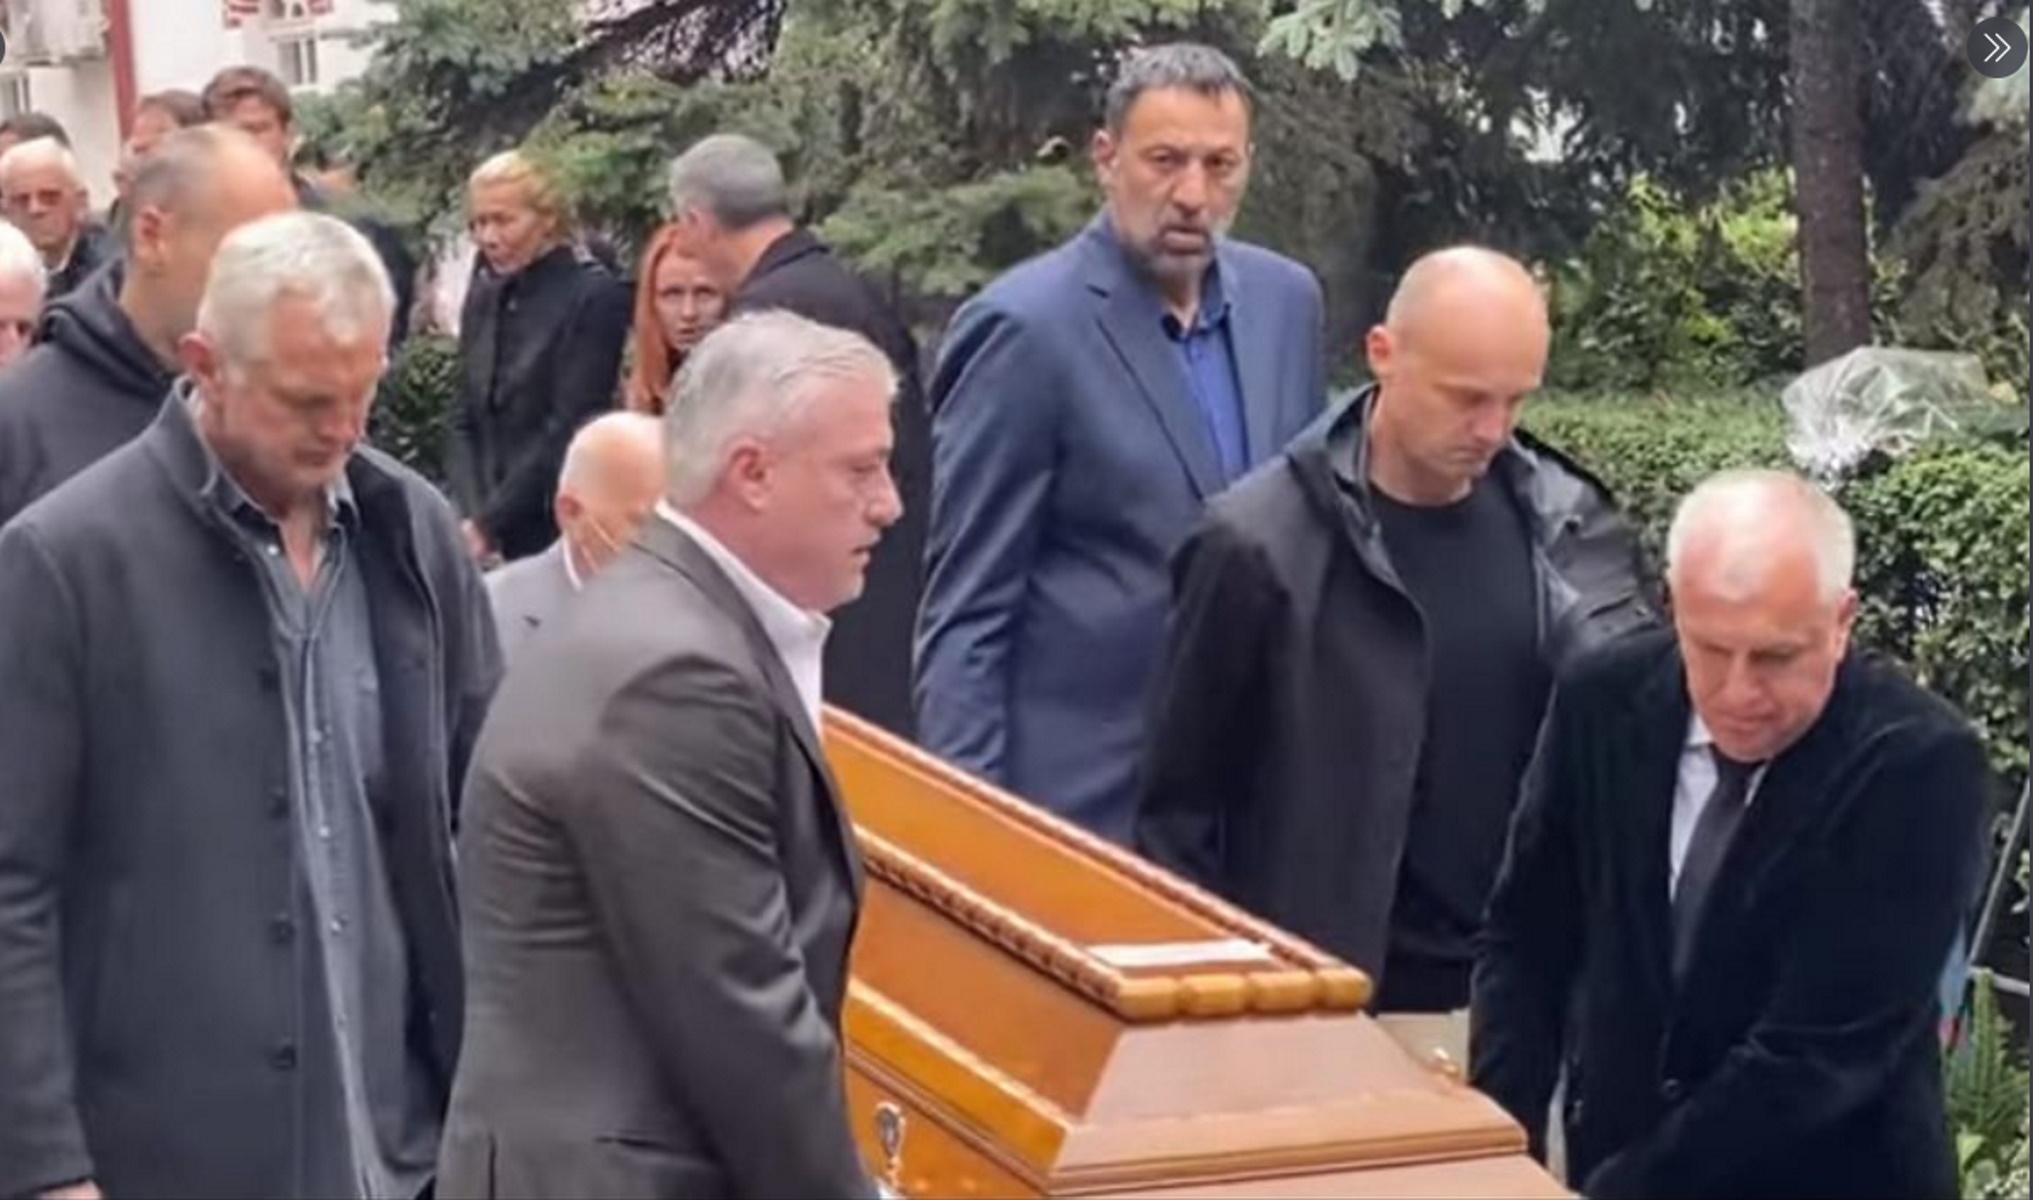 Ντούσαν Ίβκοβιτς: Η Γιουγκοσλαβία «ενώθηκε» στην κηδεία του «Ντούντα»